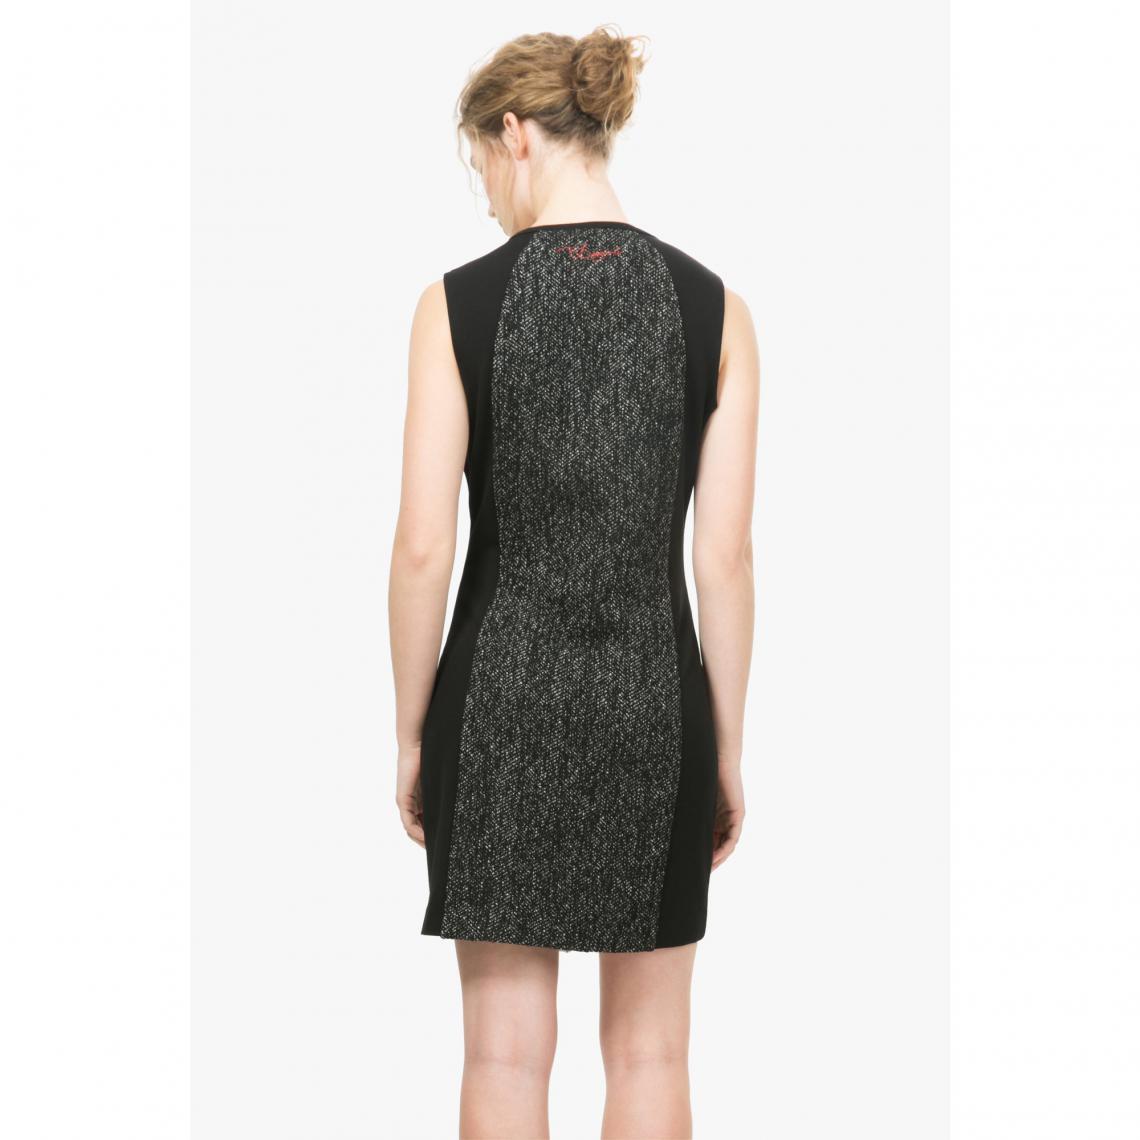 5b95fabe938b0 Robes courtes femme Desigual Cliquez l image pour l agrandir. Robe imprimée  patchwork femme Oceano Desigual - Blanc - Noir Desigual Femme